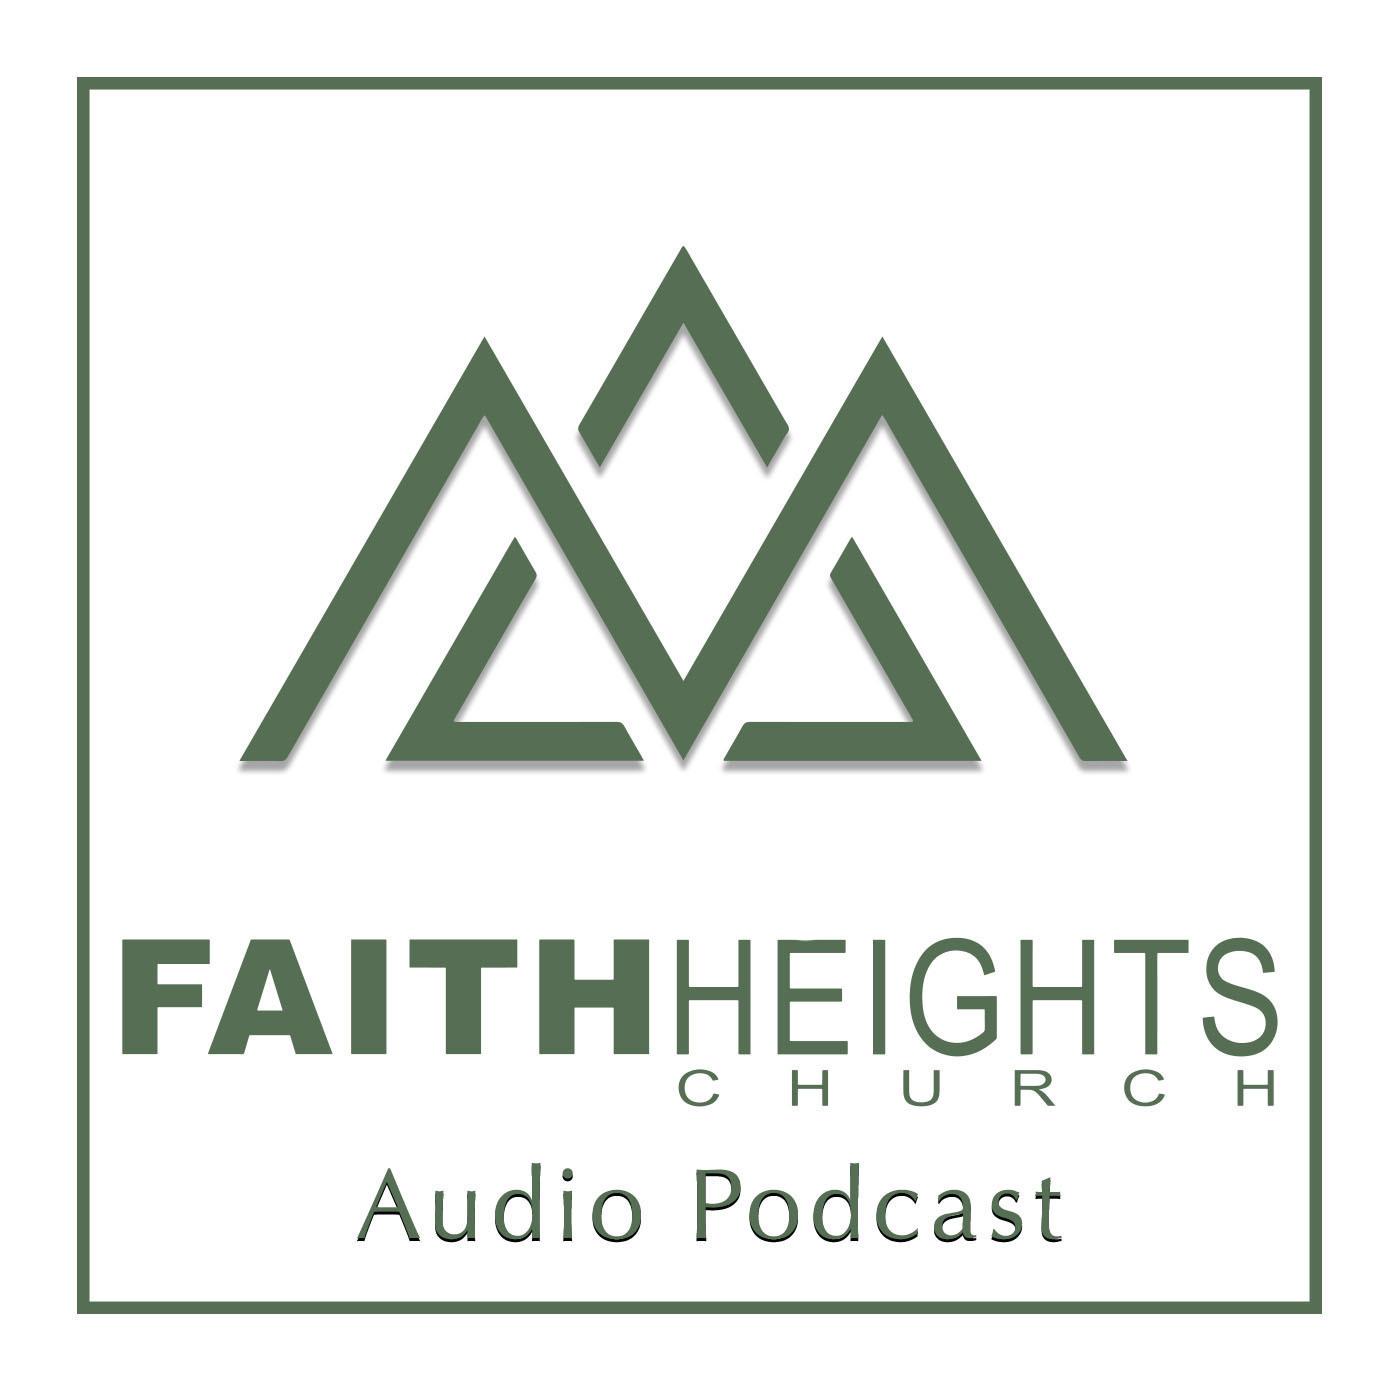 Faith Heights Church